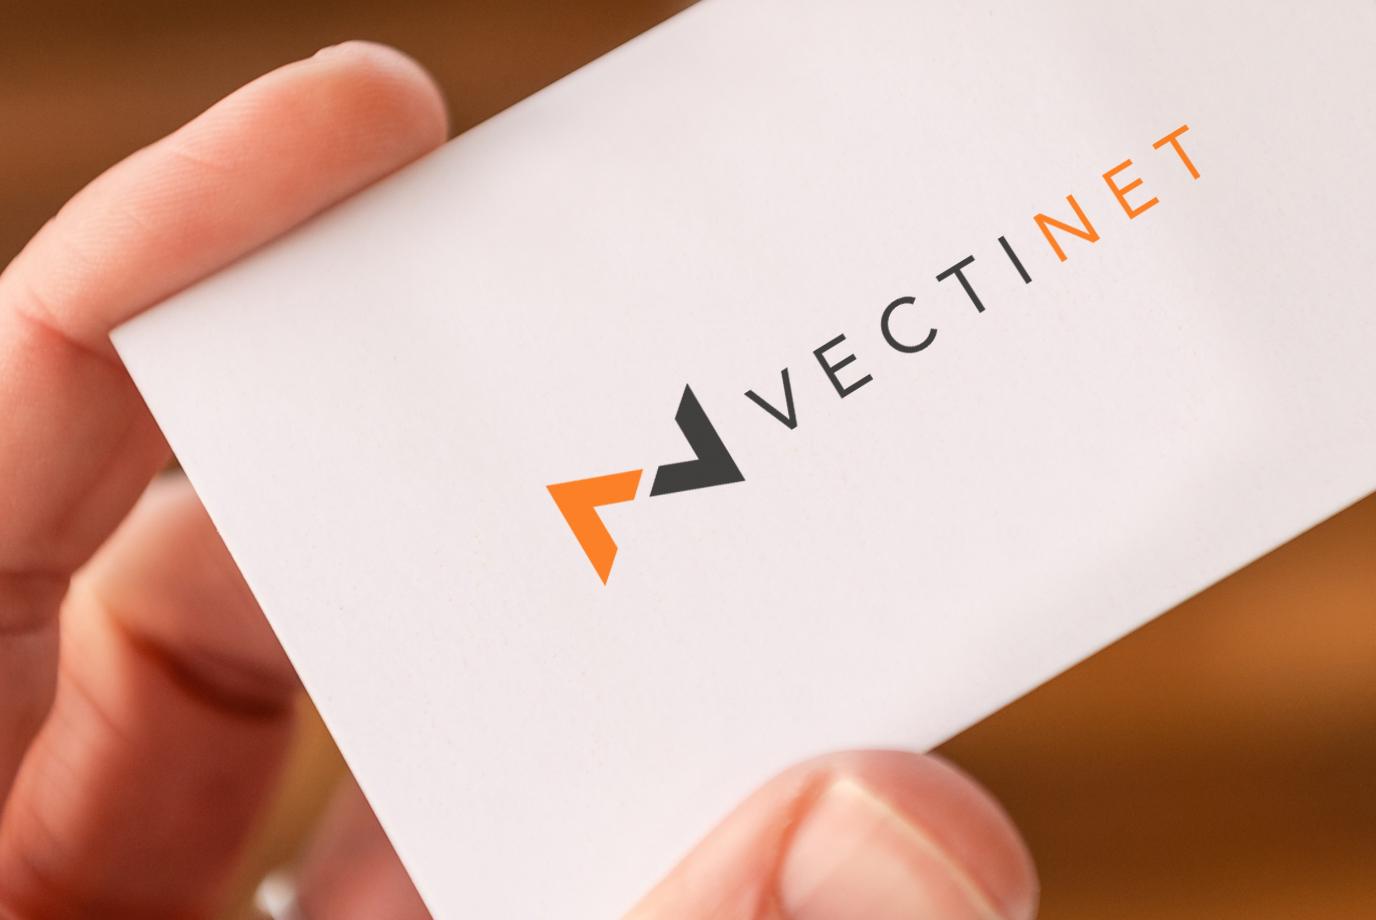 VectiNet